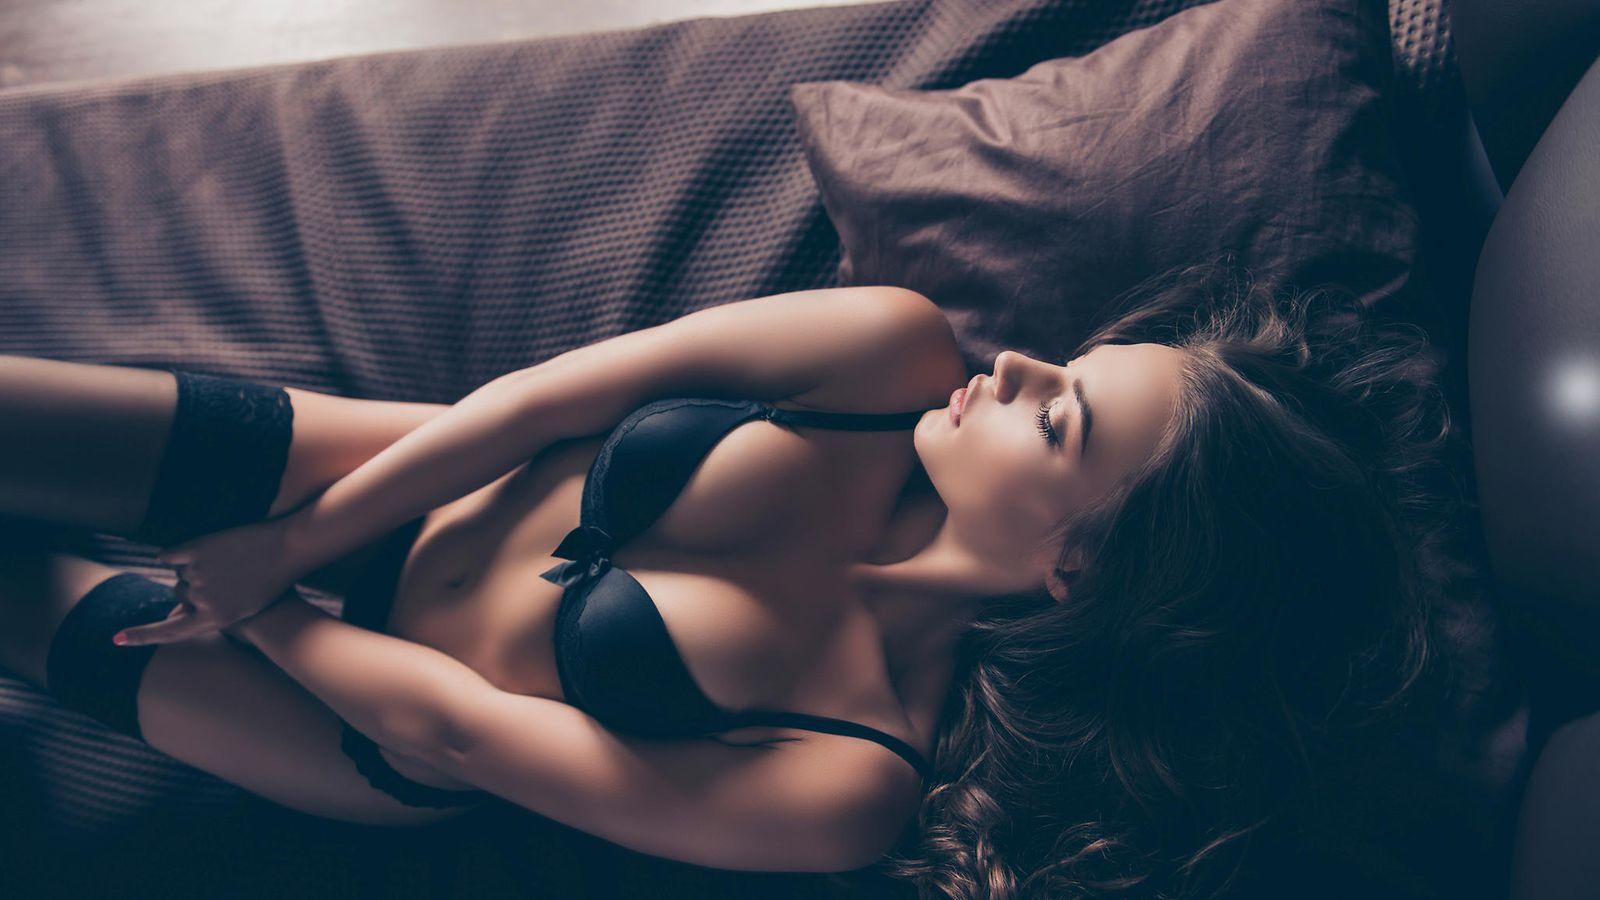 puolalaiset naiset etsii seksiä sigtuna pari etsii paria kangasala